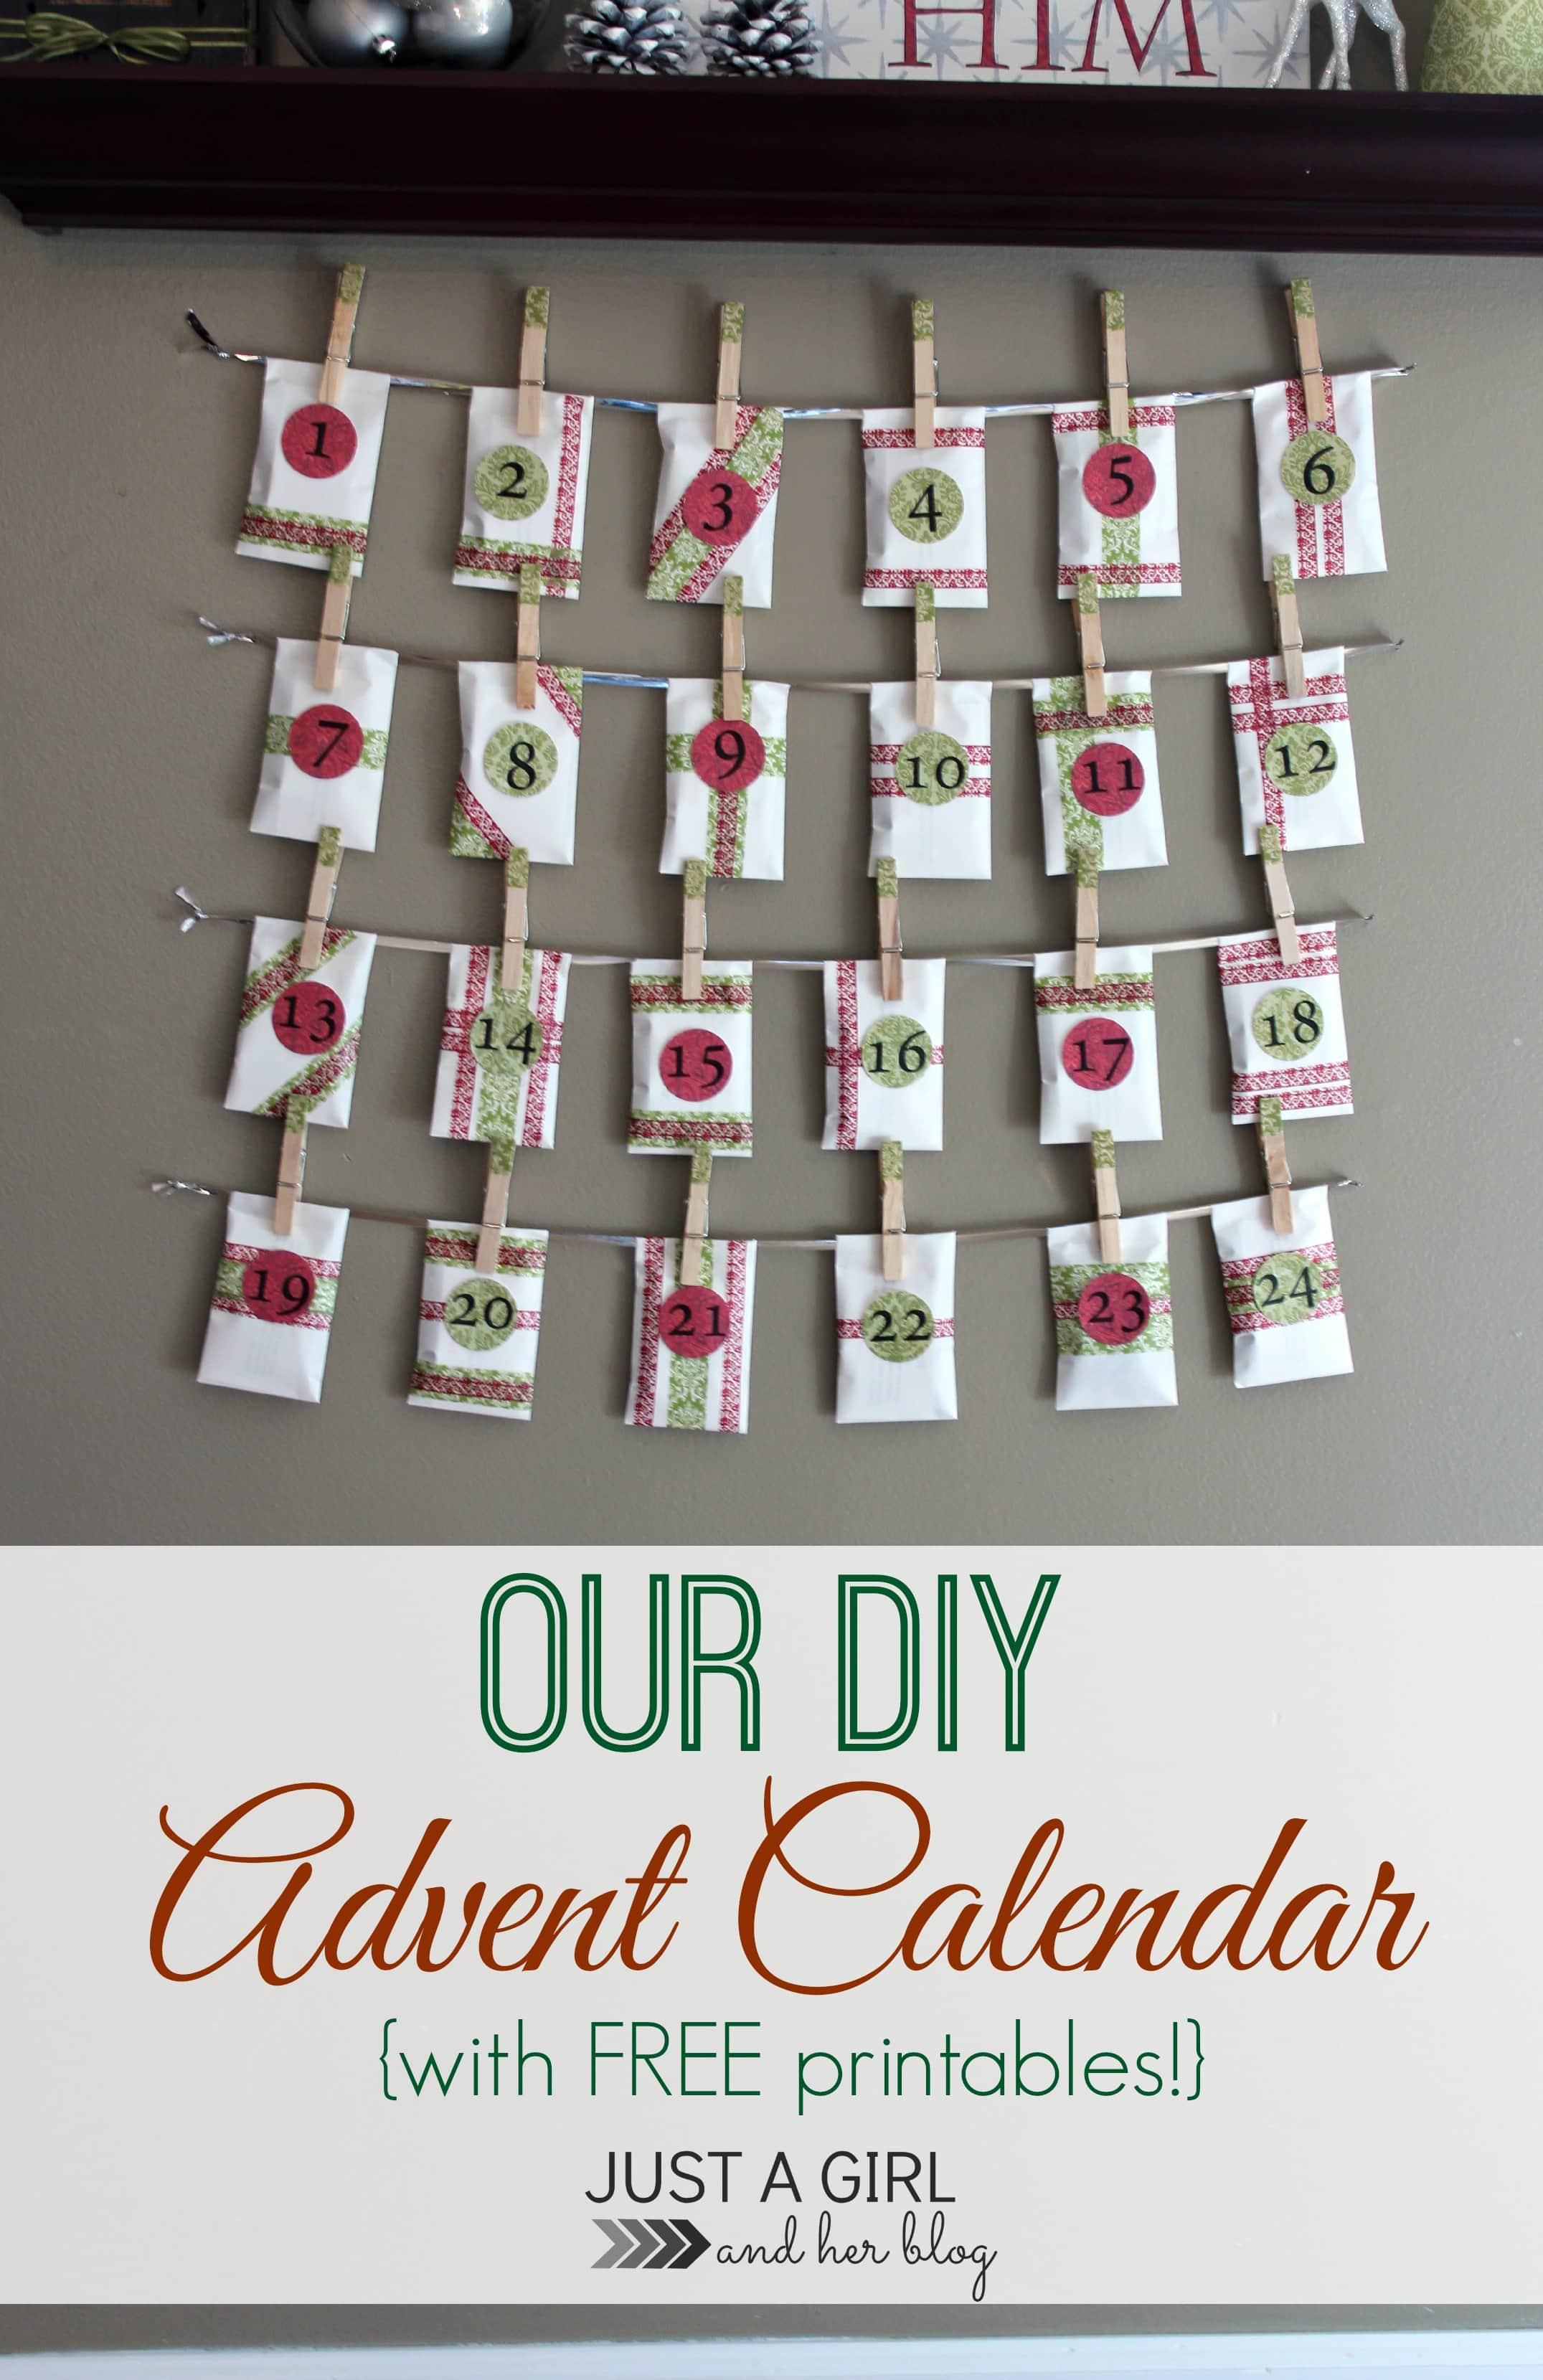 Calendar Of Religious Holidays 2013 Usa Federal Holidays 2017 Calendar Us Our Diy Advent Calendar With Free Printables Just A